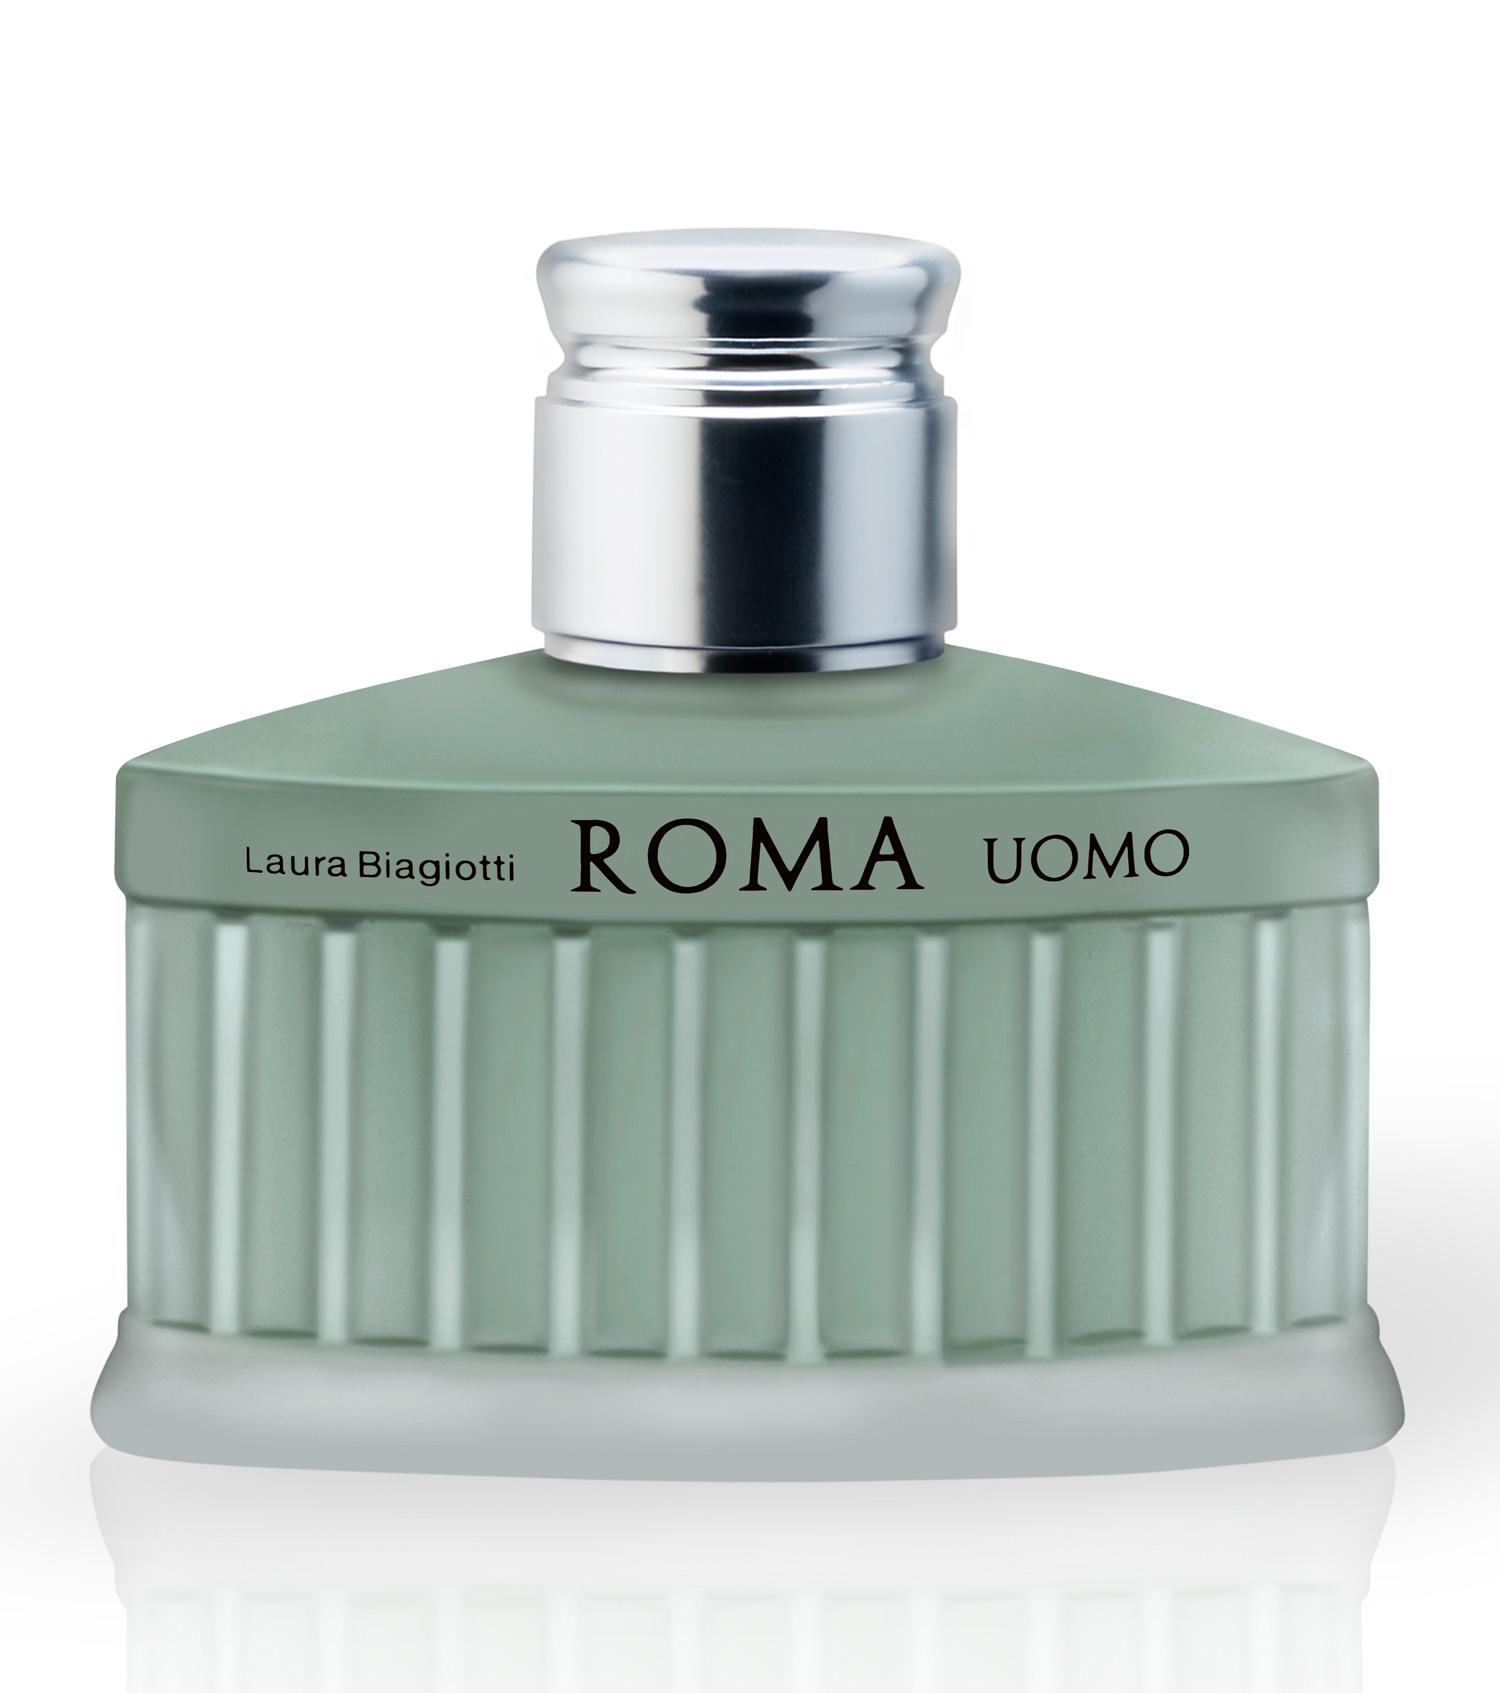 27289cd36c52 ... Roma Uomo Eau de Toilette Cedro Laura Biagiotti for men Pictures